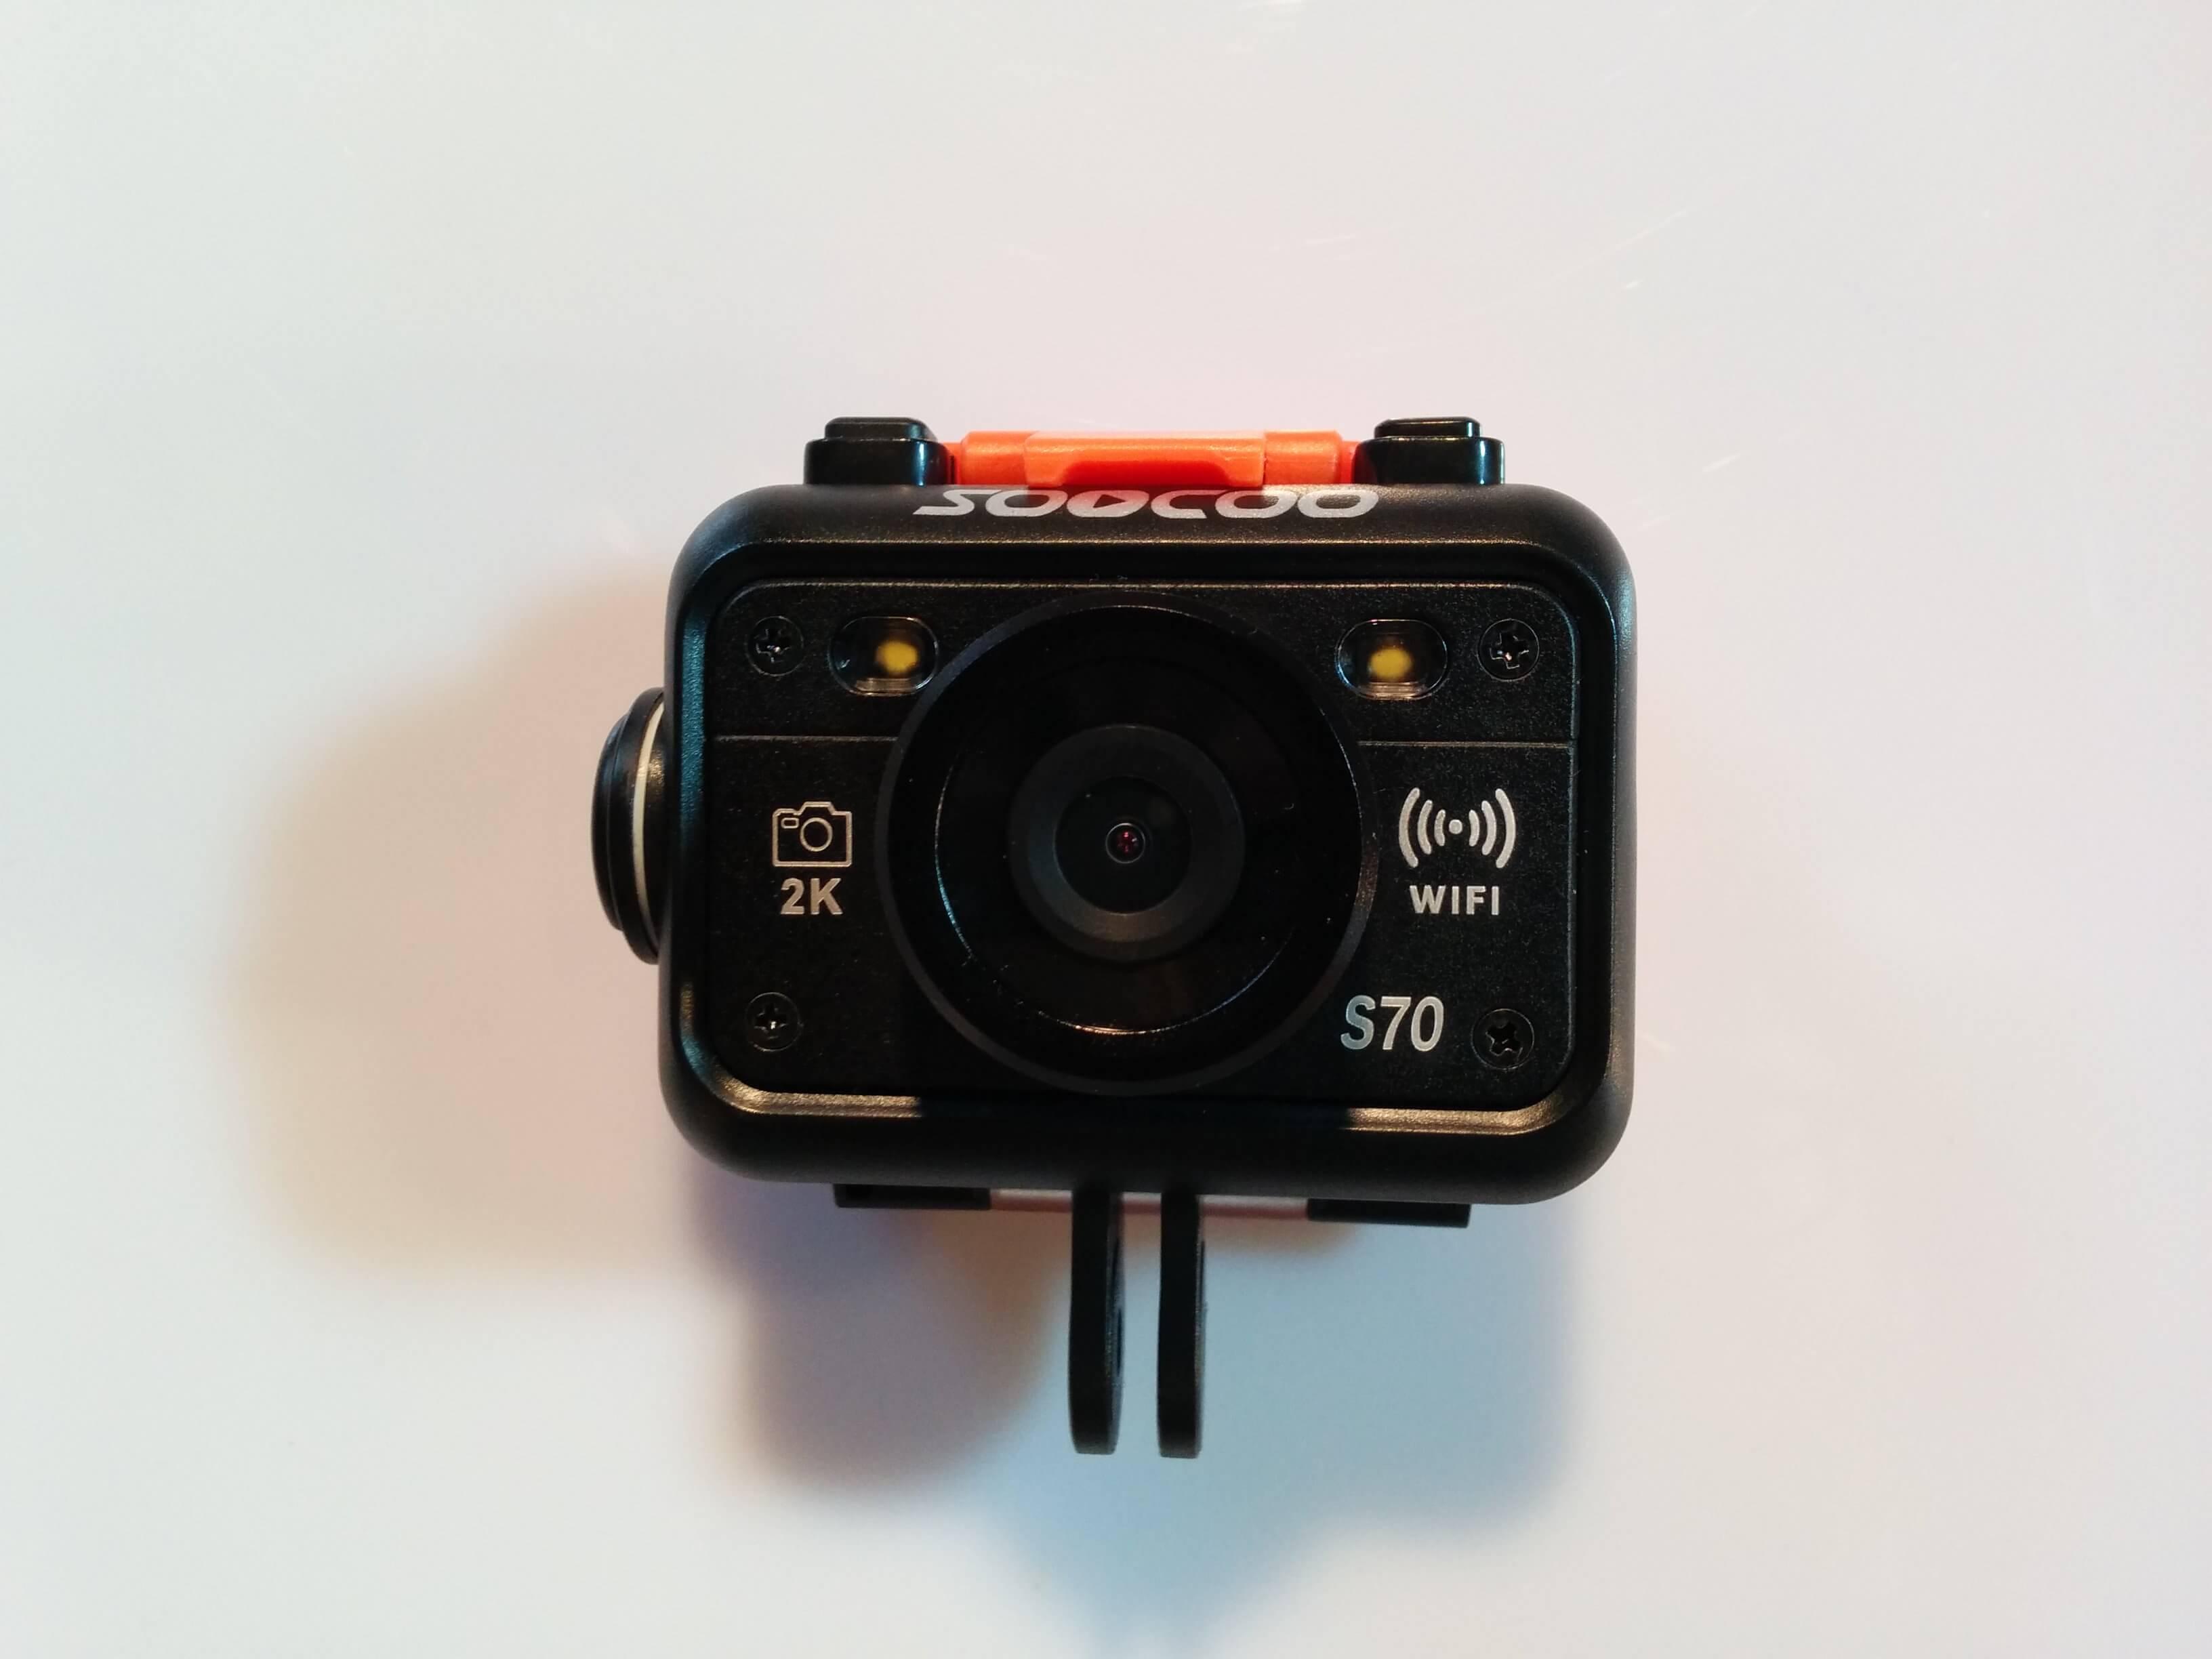 SOOCOO S70 test